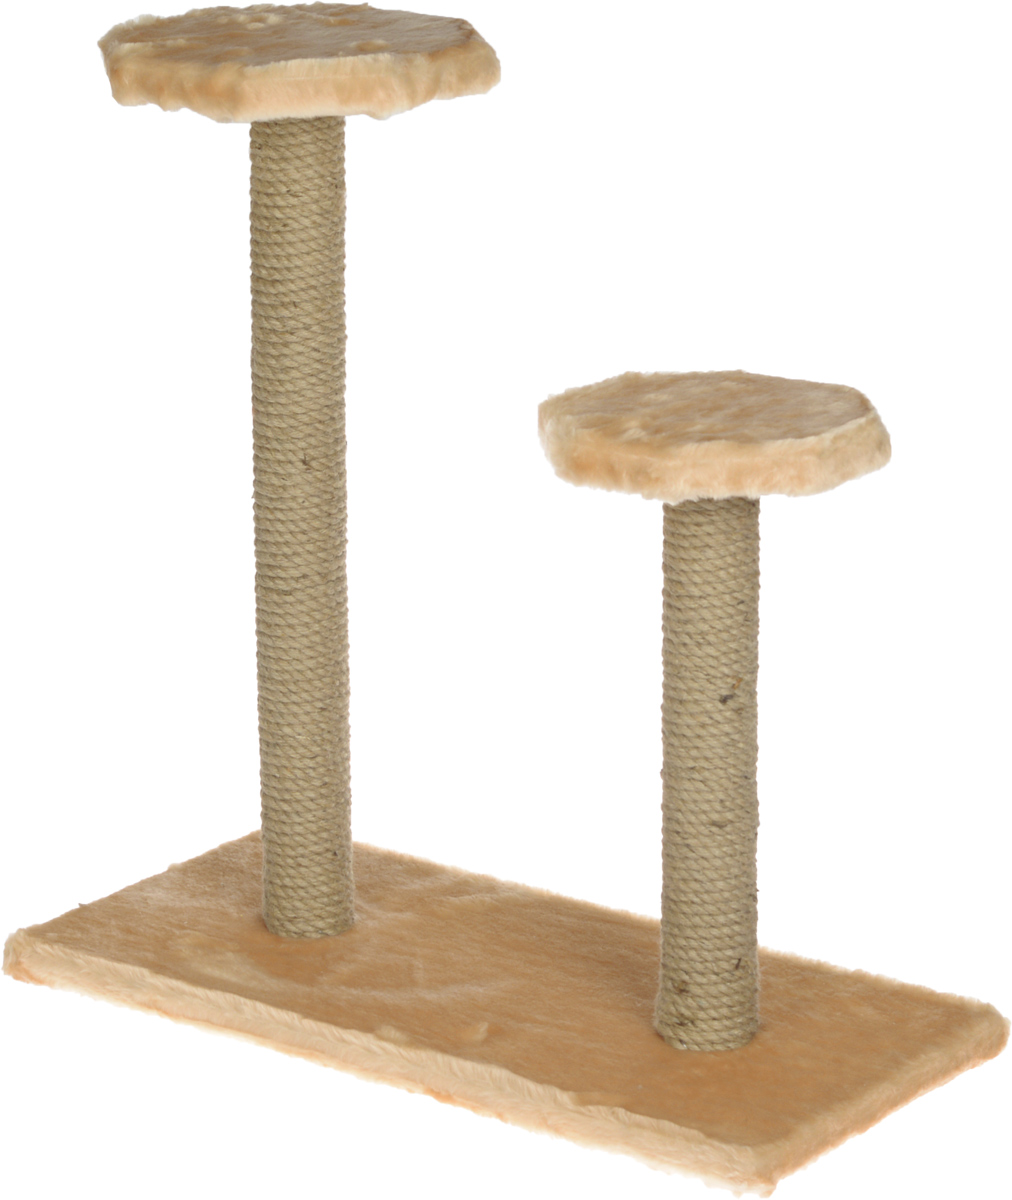 Когтеточка ЗооМарк, на подставке, с полками, цвет: бежевый, 56 х 31 х 64 см12171996Когтеточка ЗооМарк поможет сохранить мебель и ковры в доме от когтей вашего любимца, стремящегося удовлетворить свою естественную потребность точить когти. Когтеточка изготовлена из дерева, искусственного меха и джута. Товар продуман в мельчайших деталях и, несомненно, понравится вашей кошке. Имеется две полки.Всем кошкам необходимо стачивать когти. Когтеточка - один из самых необходимых аксессуаров для кошки. Для приучения к когтеточке можно натереть ее сухой валерьянкой или кошачьей мятой. Когтеточка поможет вашему любимцу стачивать когти и при этом не портить вашу мебель.